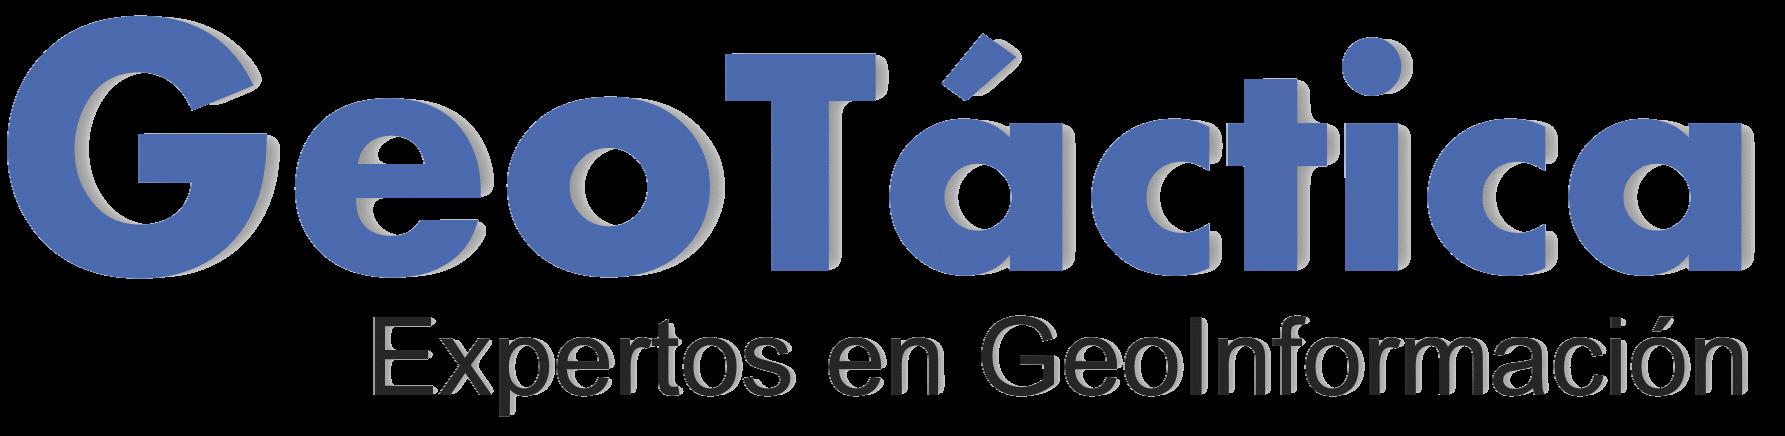 GeoTactica